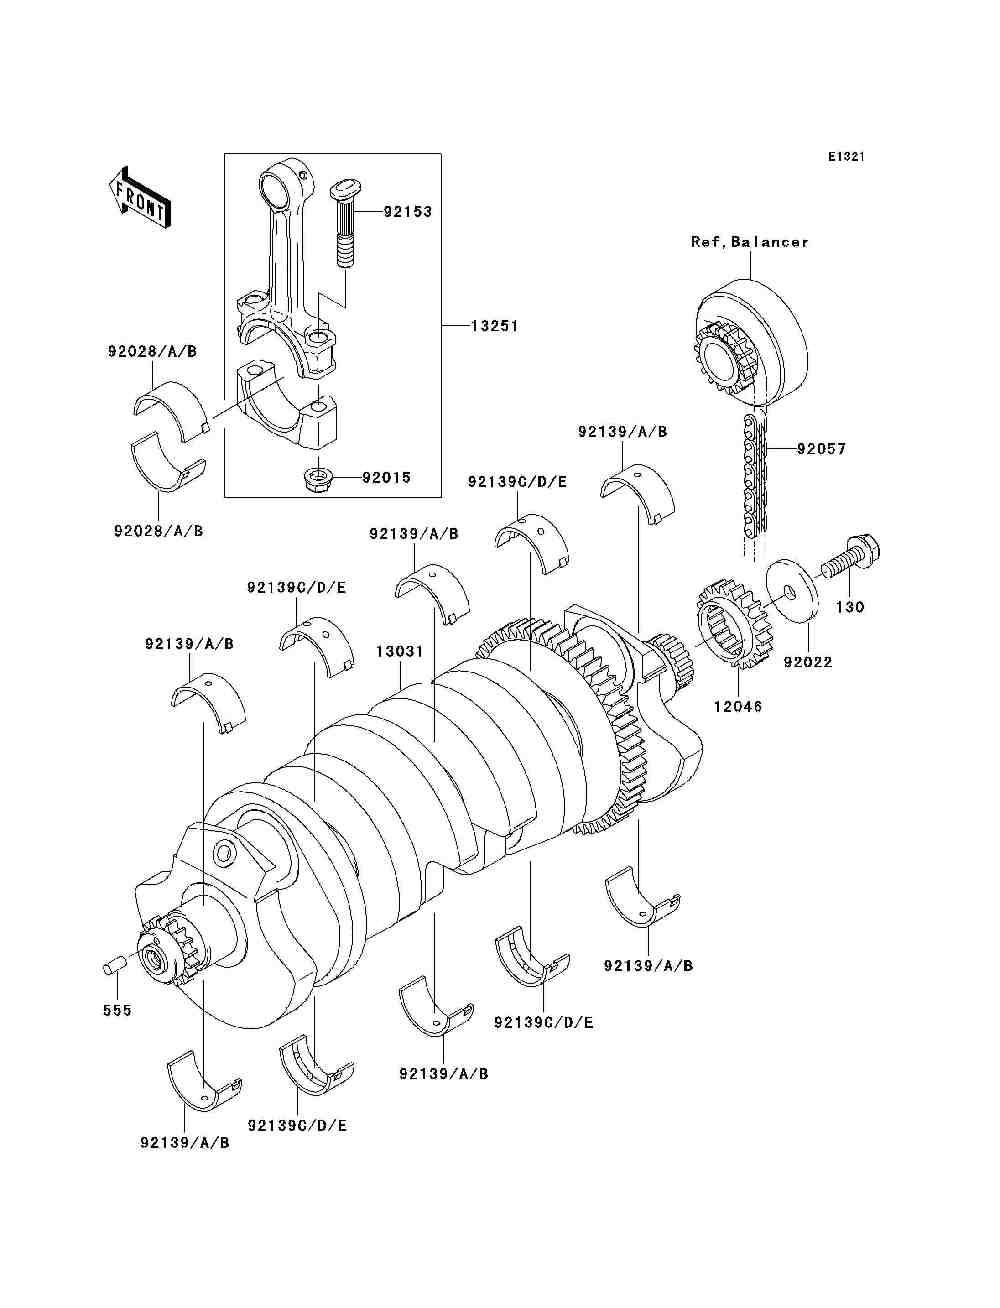 Vickery Motorsports Parts Look Up Kawasaki Zzr 1200 Wiring Diagram